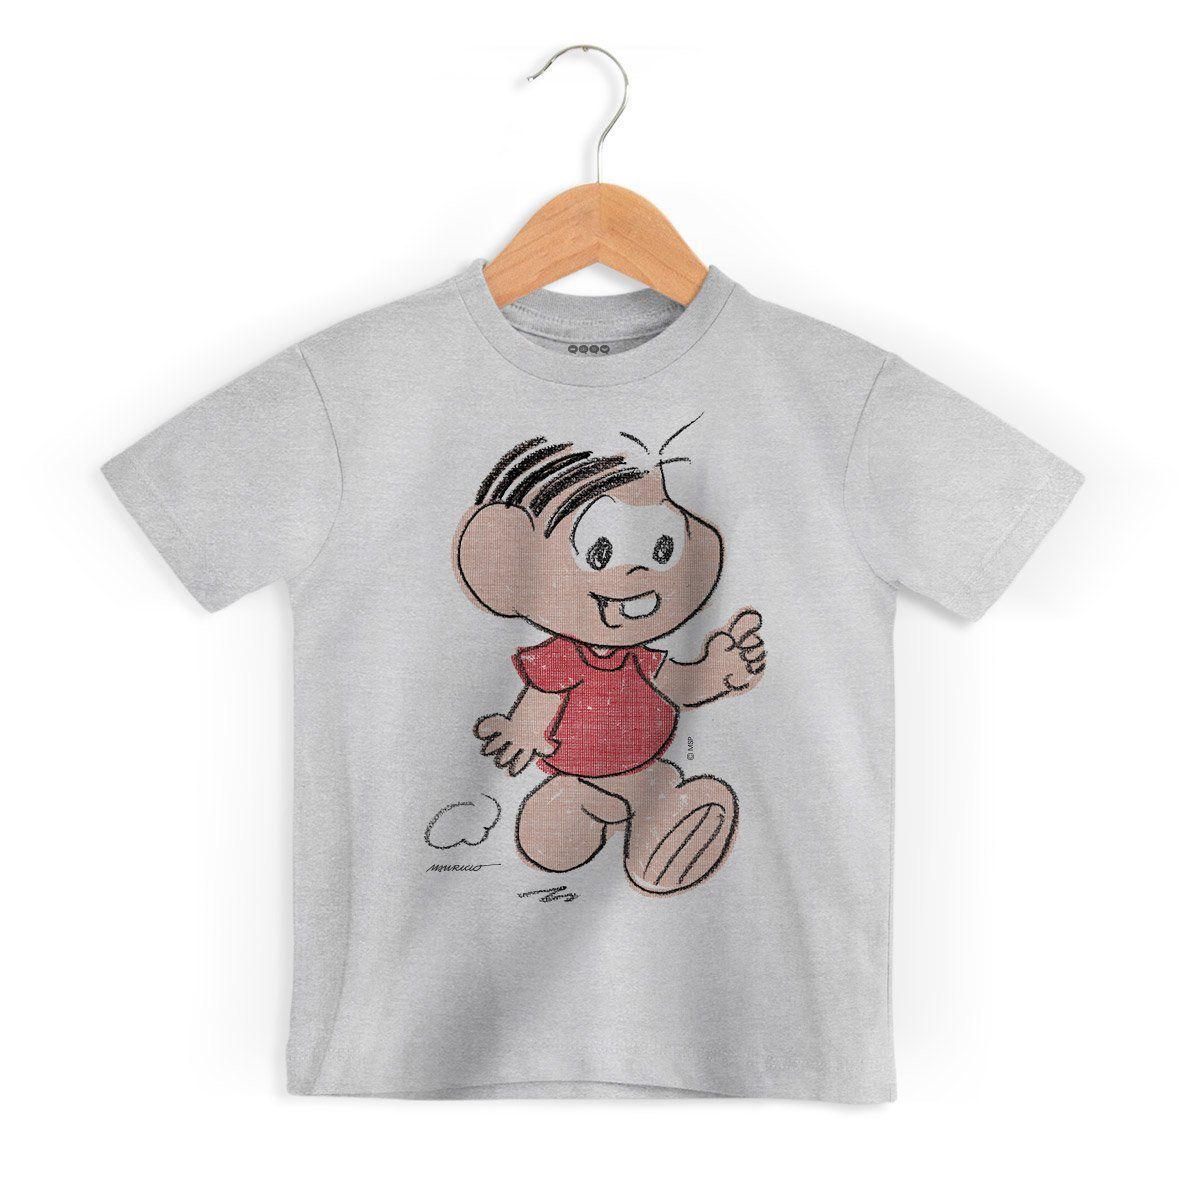 Camiseta Infantil Mauricio de Sousa 80 Anos Mônica